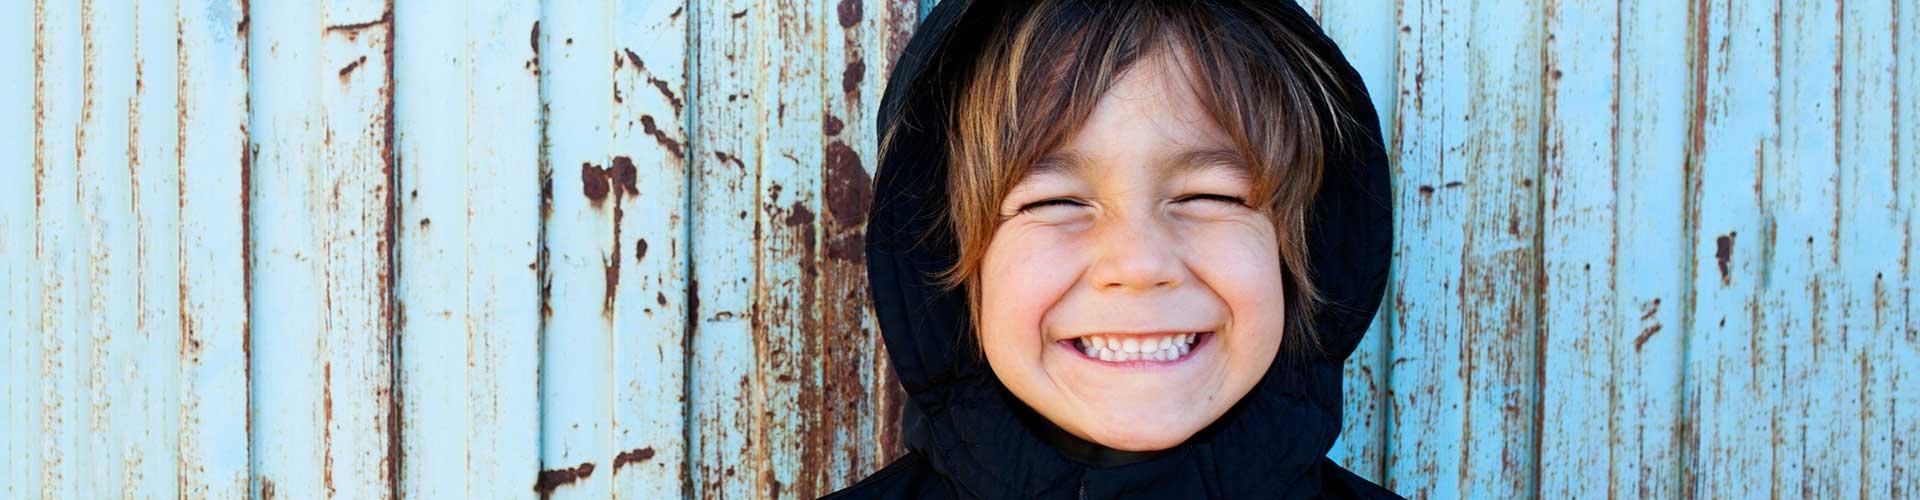 Contact Us Humble Kids Dentistry Humble TX